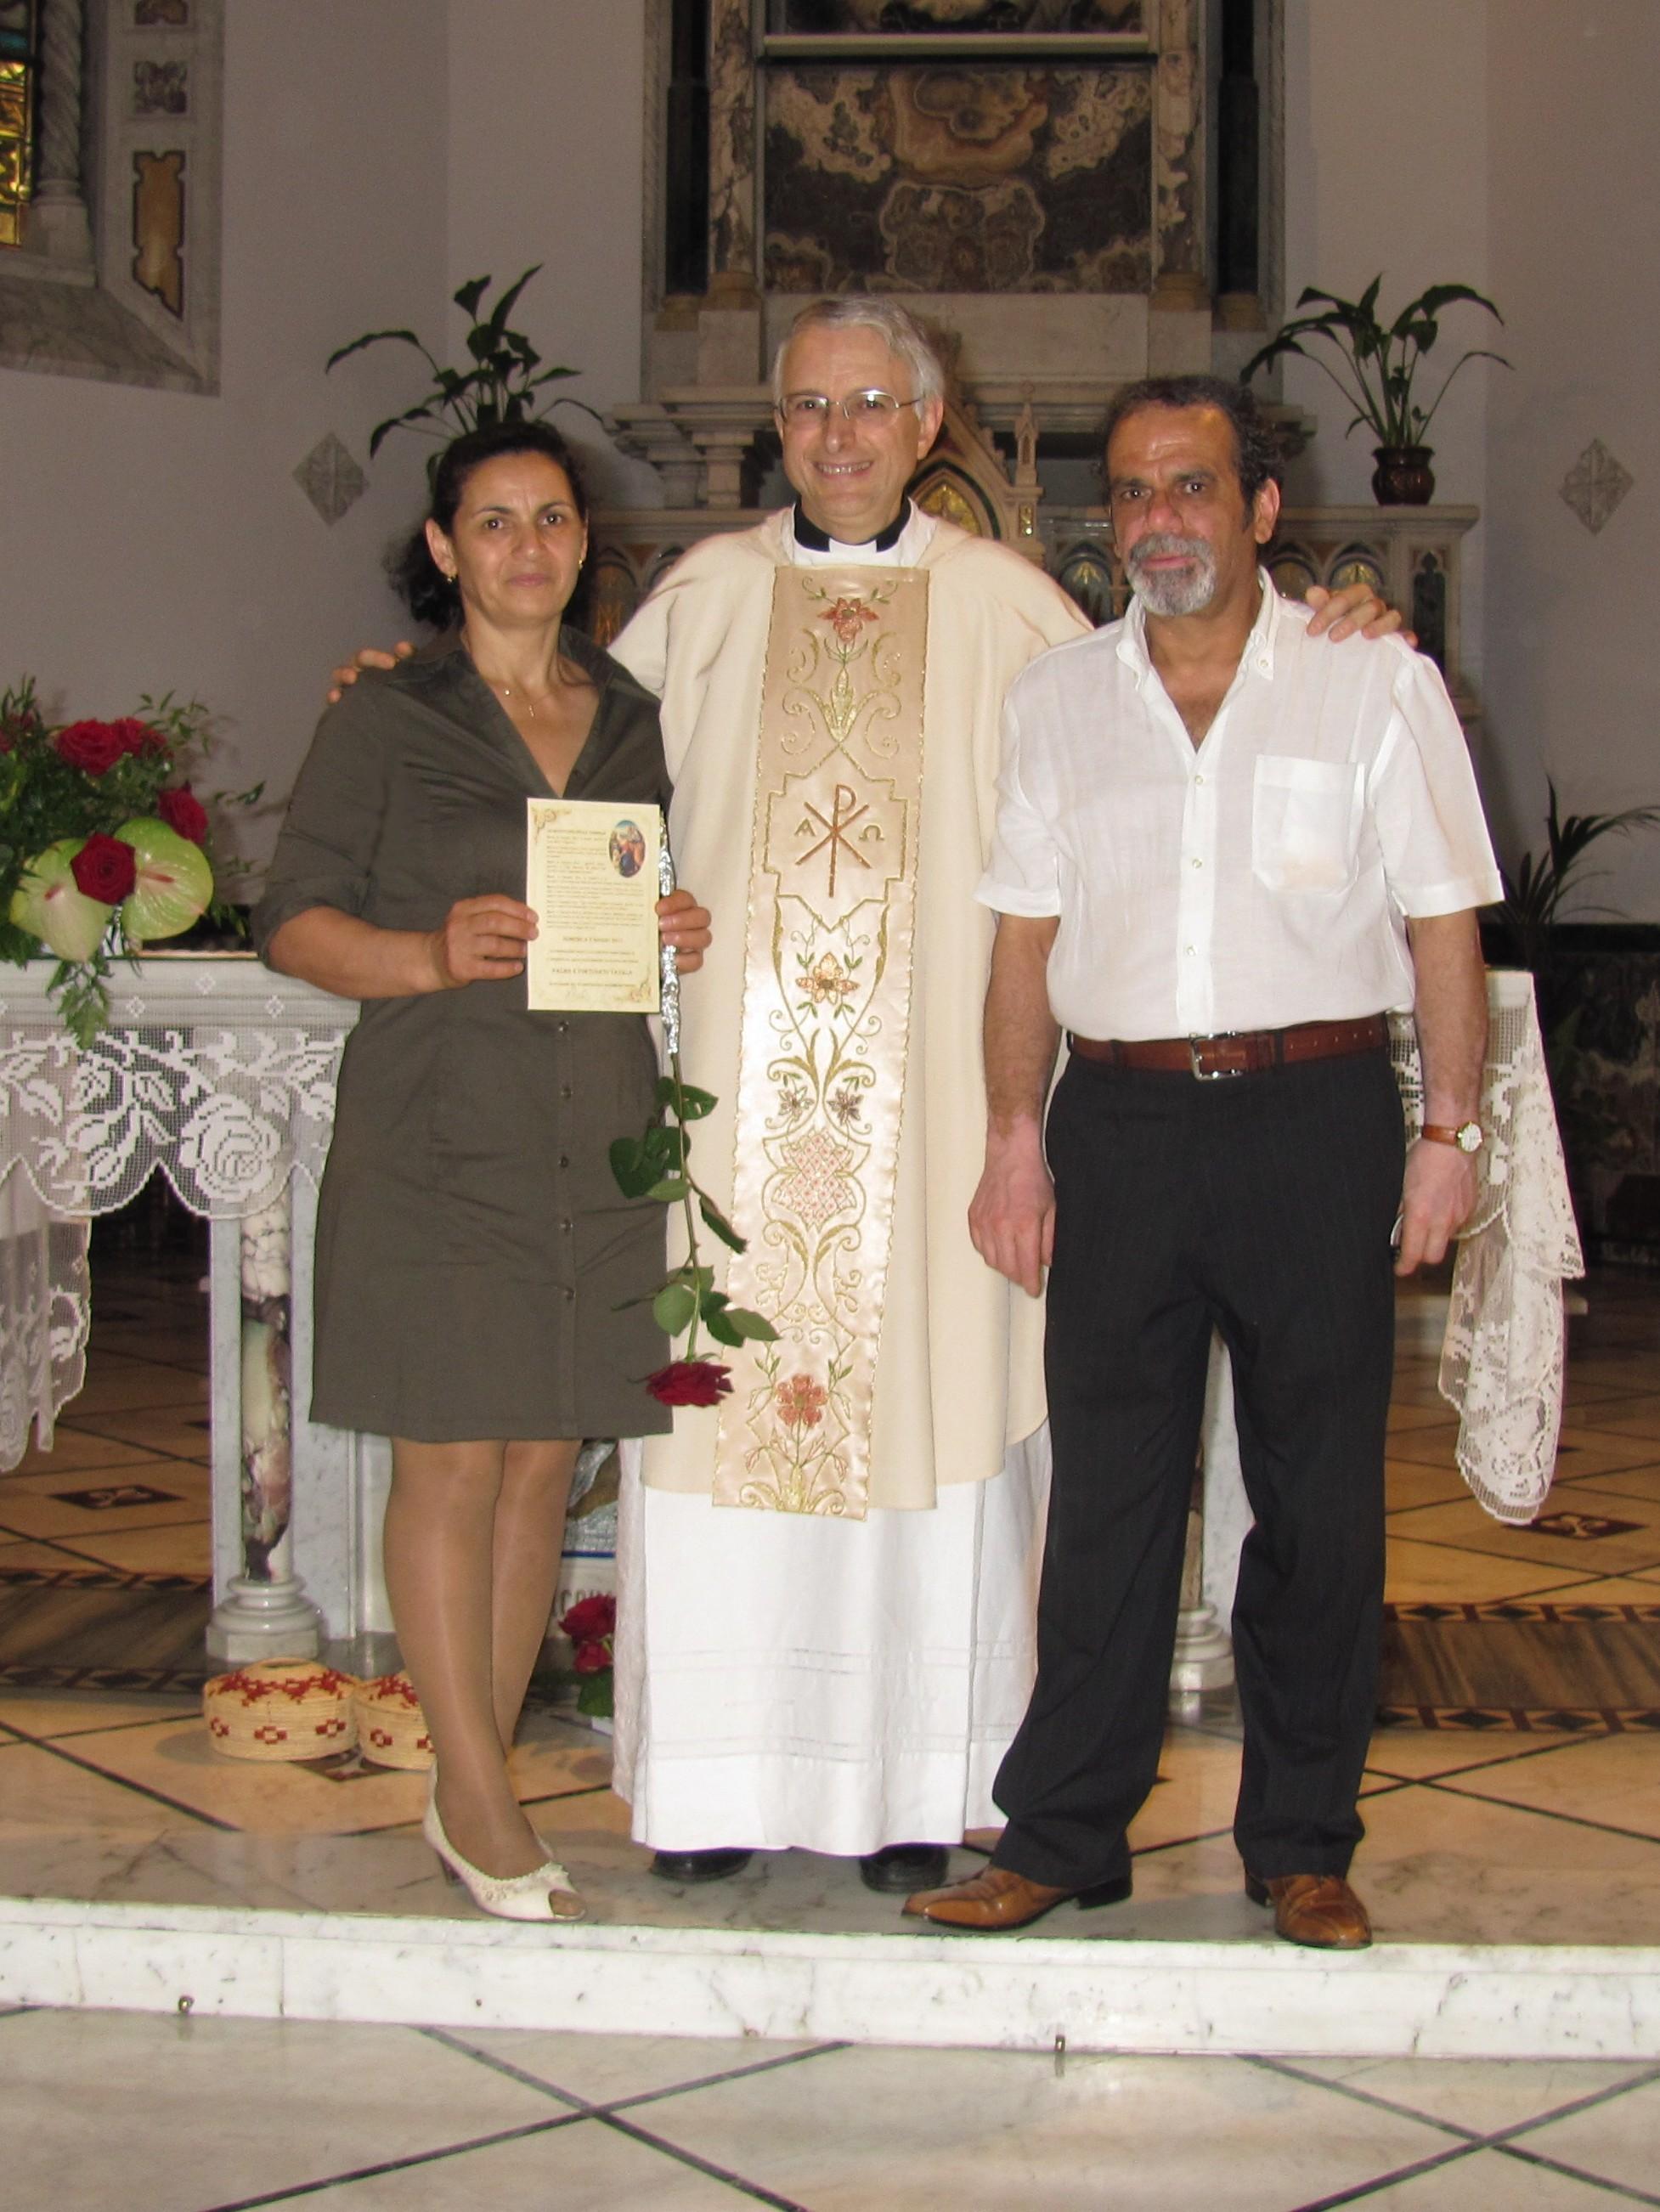 anniversari_matrimonio-2011-06-05-12-18-44